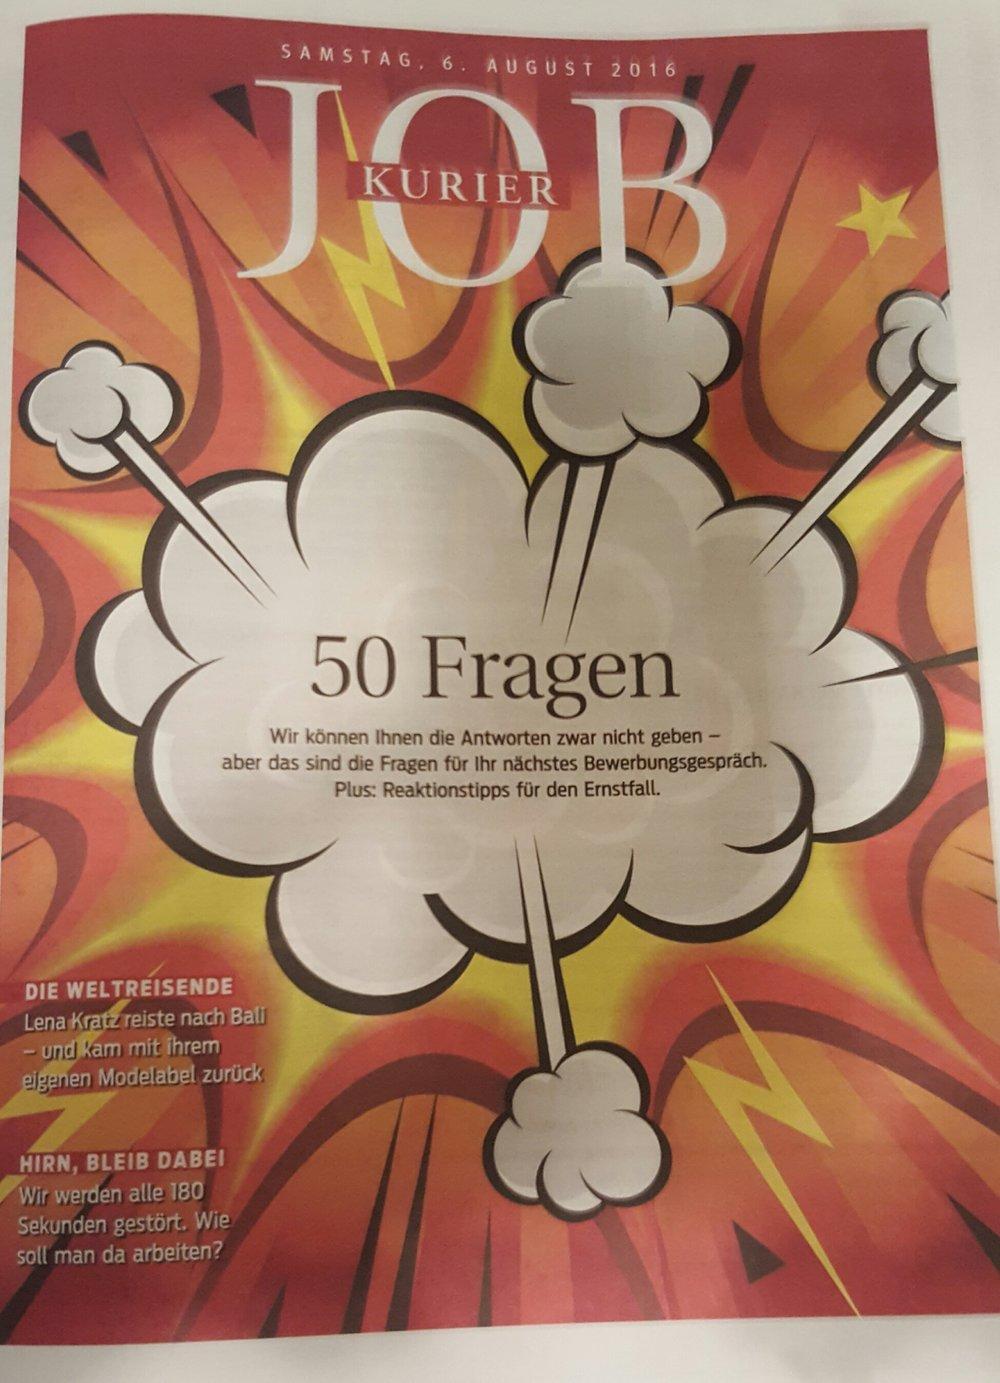 edition LIEBLINGSSTÜCKERL JOB Kurier August 2016 Beitrag.jpg